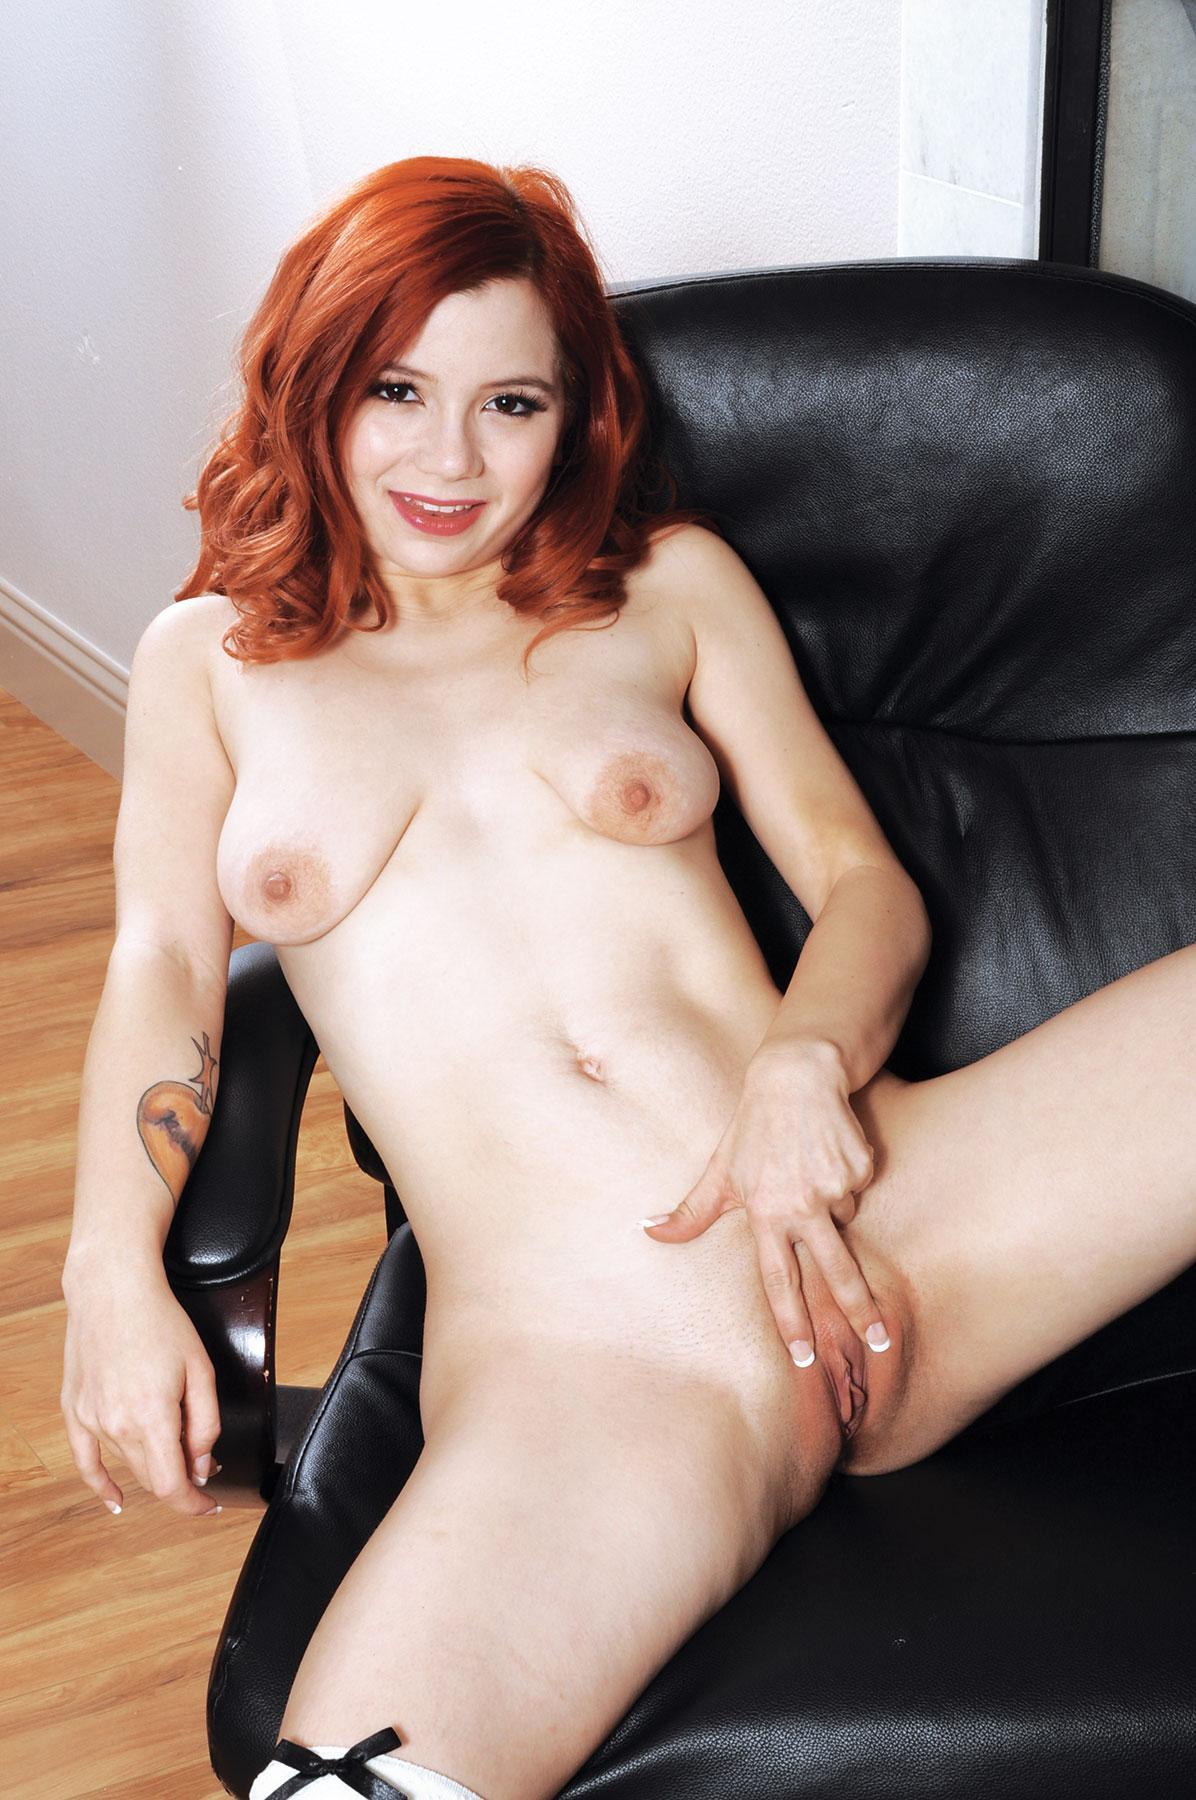 sex gif download porne images